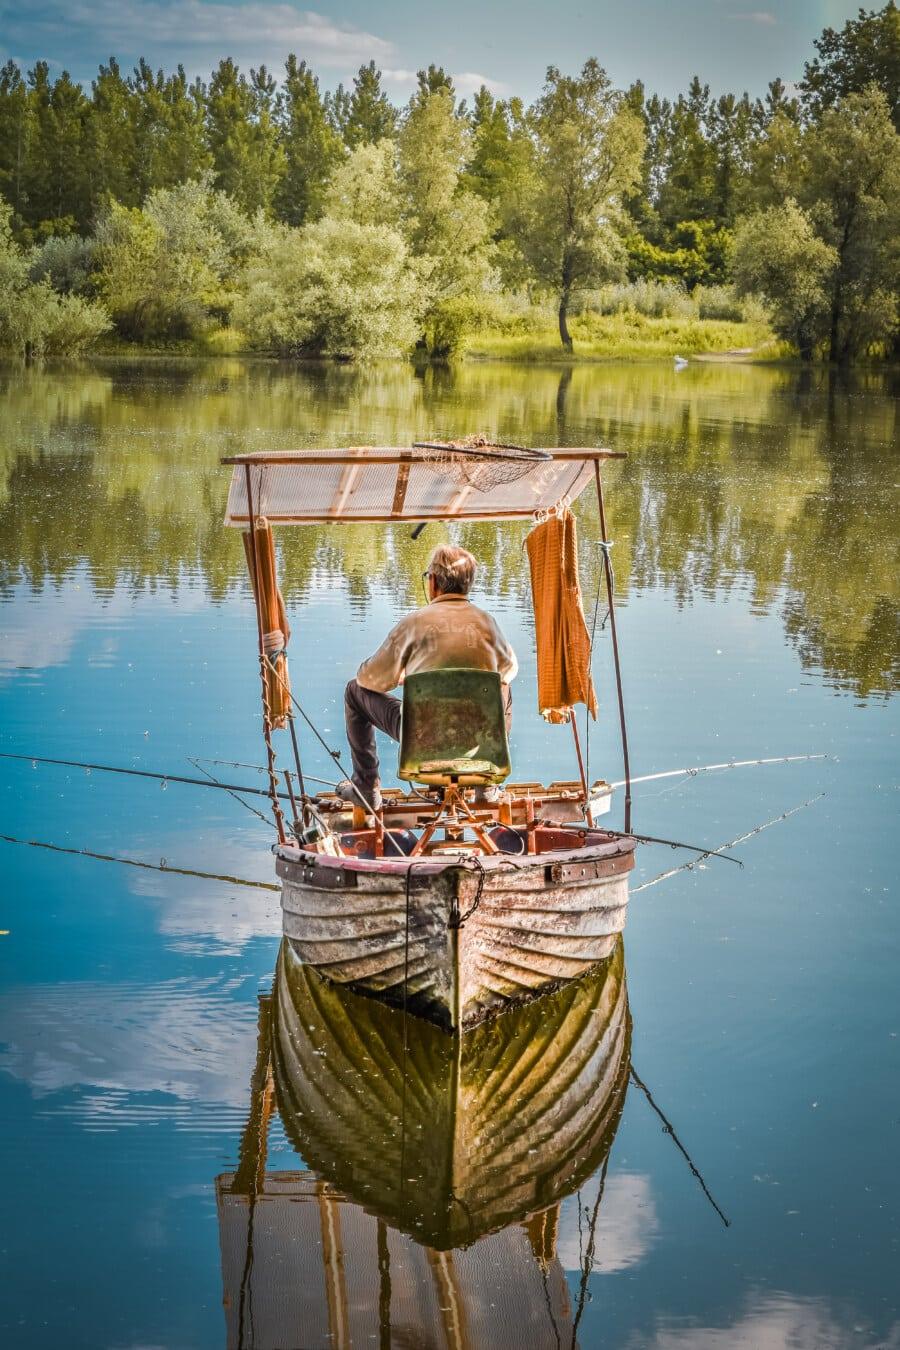 Fischer, Angelrute, Angeln, Angelboot/Fischerboot, Genuss, Erholung, majestätisch, Landschaft, See, Boot